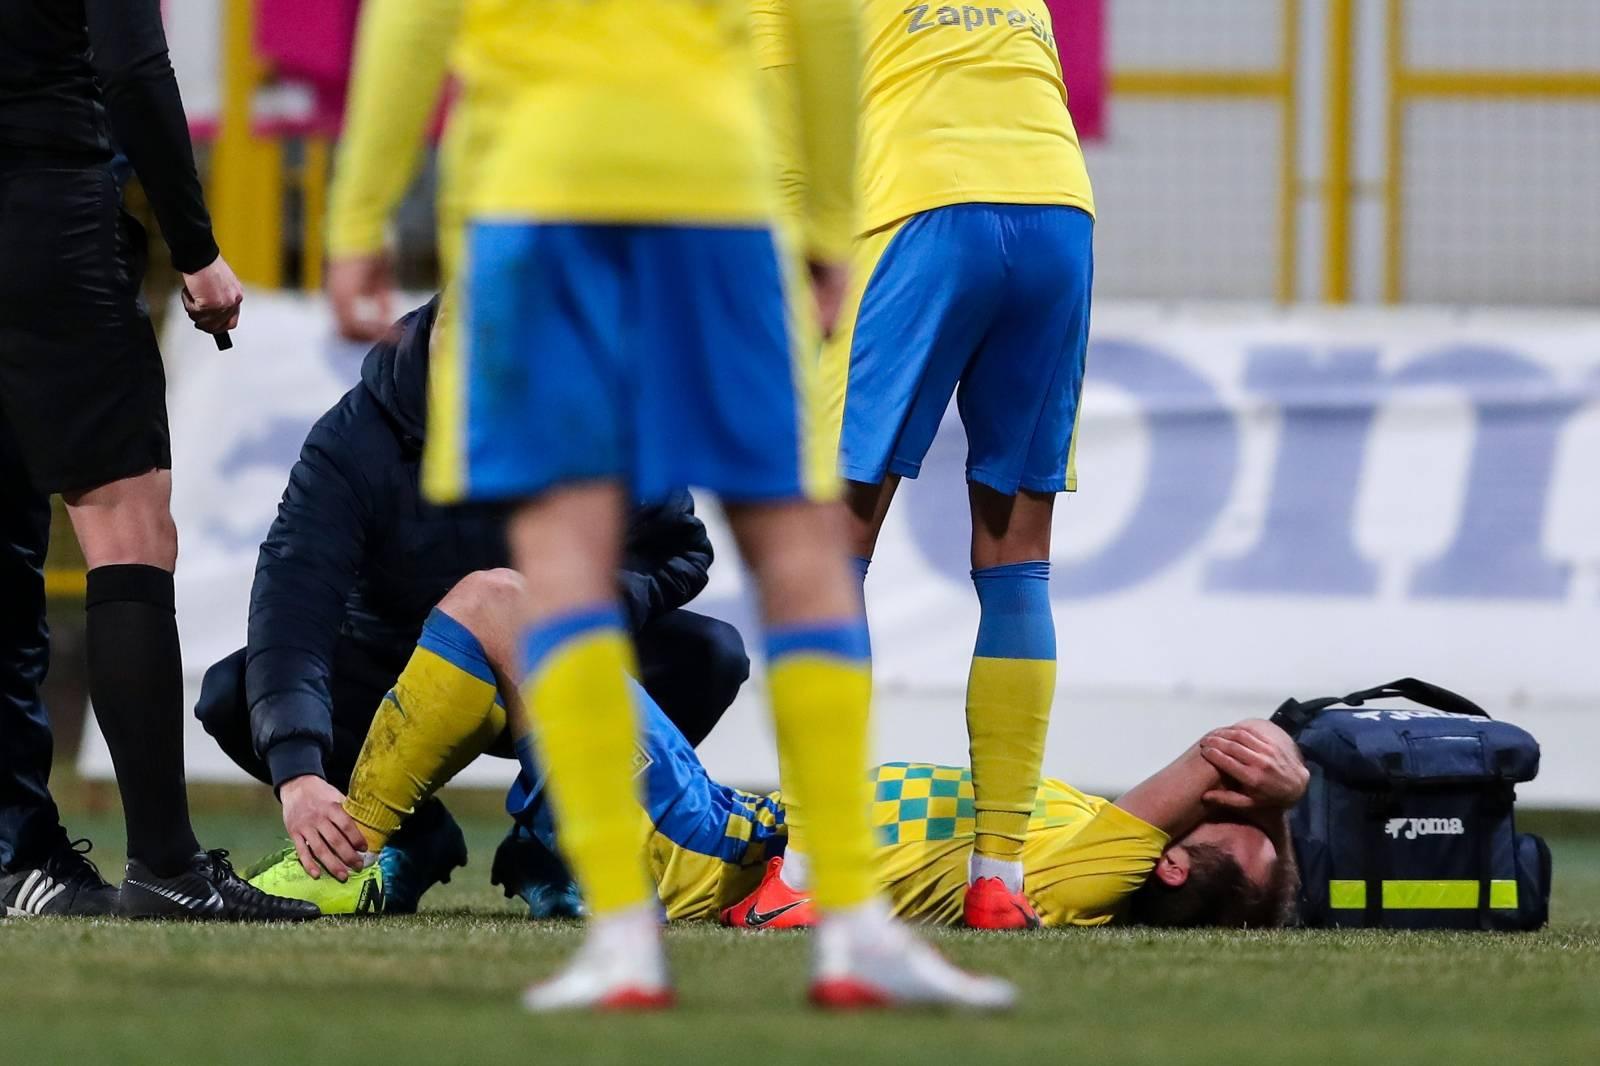 U 24. kolu HT Prve lige sastali se Inter Zaprešić i Lokomotiva